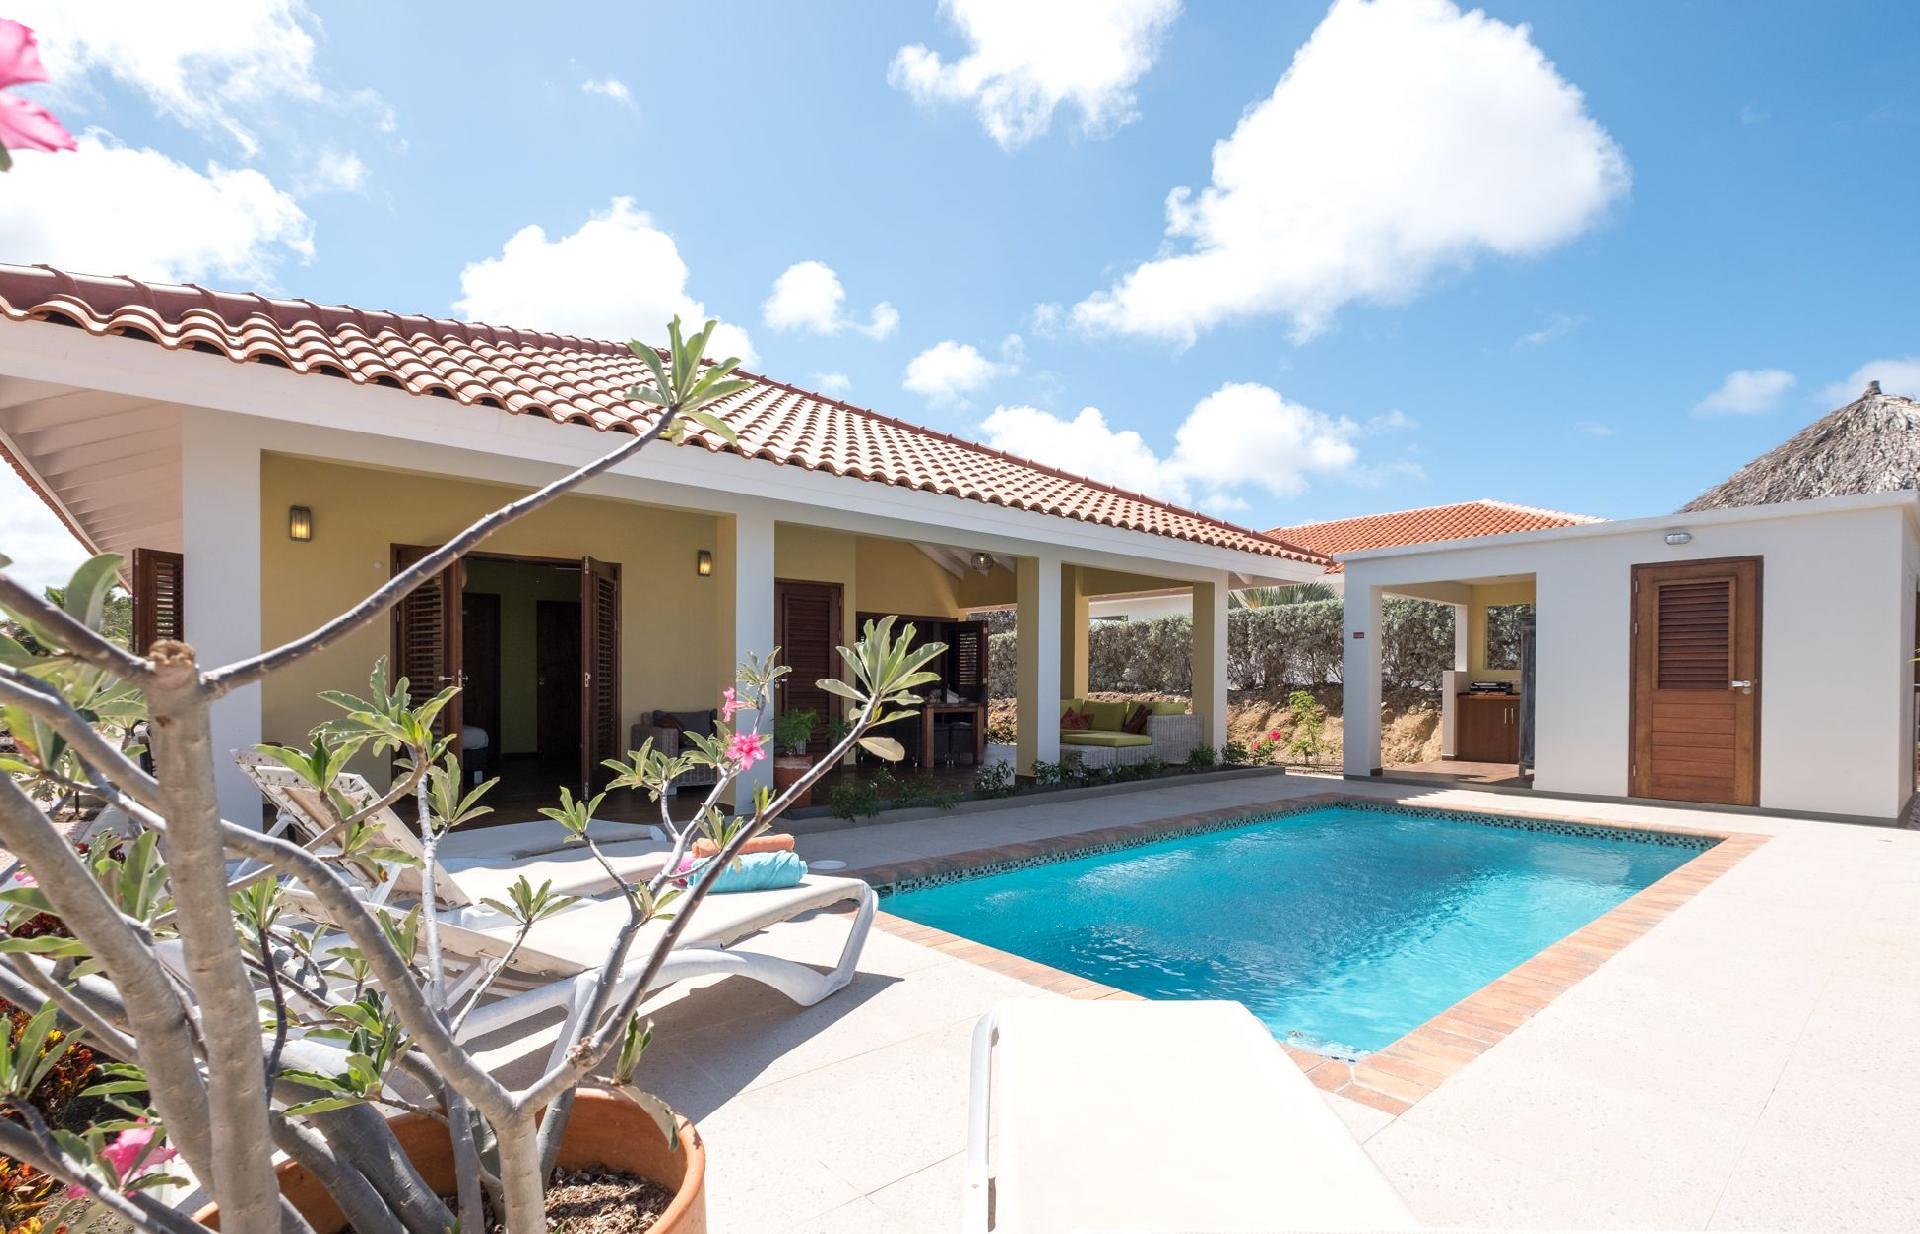 Ferienhaus mit Privatpool für 6 Personen  + 1